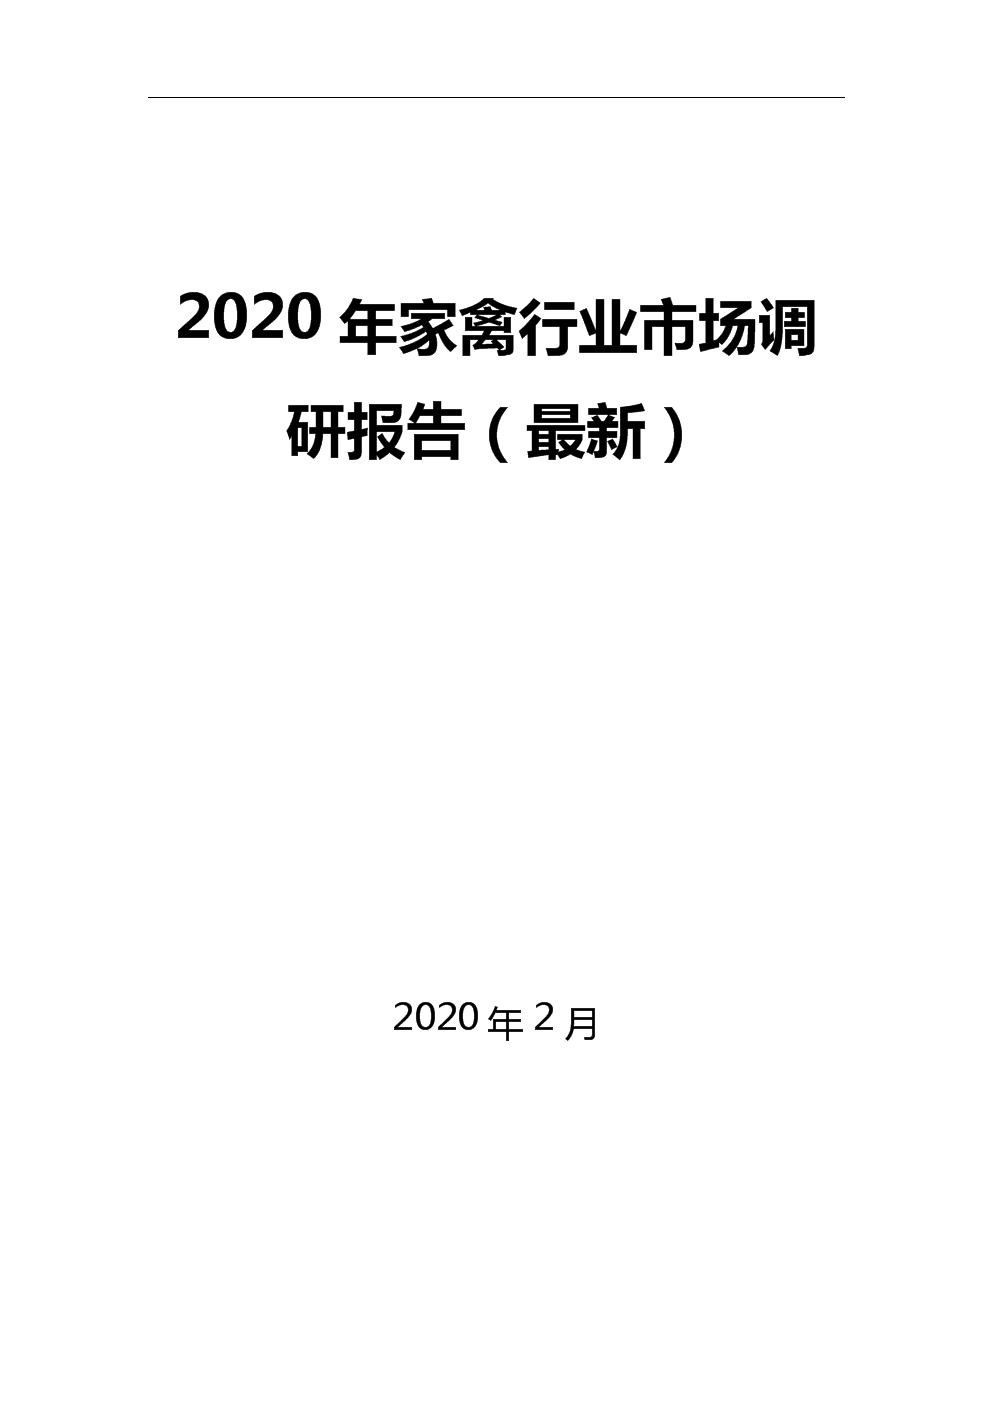 2020年家禽行业市场调研报告(最新).docx